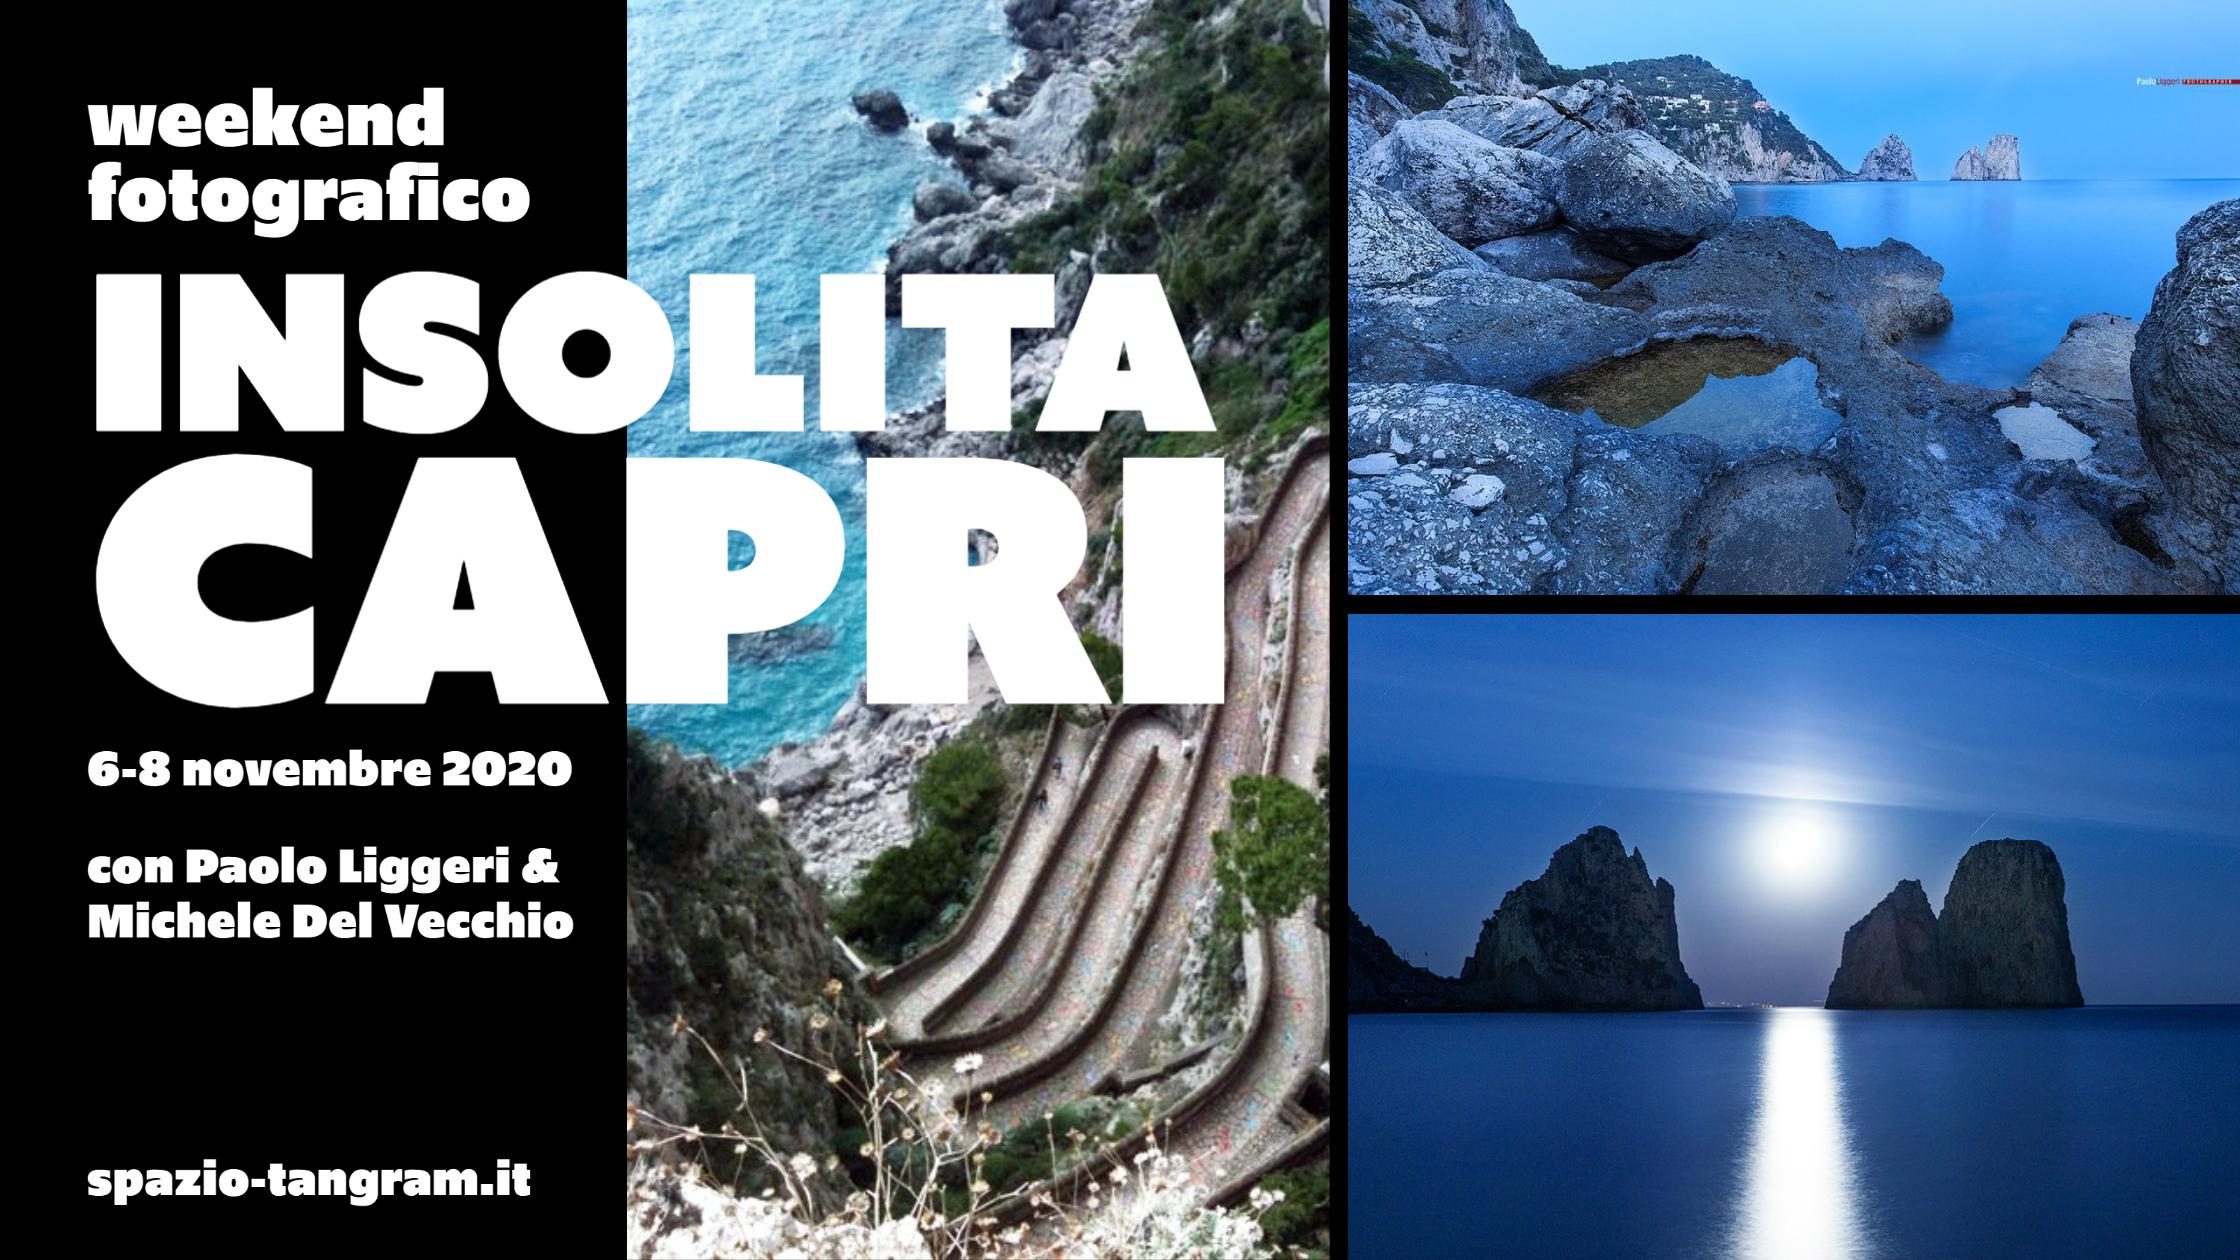 Weekend Fotografico a Capri | da venerdì 6 a sabato 8 novembre 2020